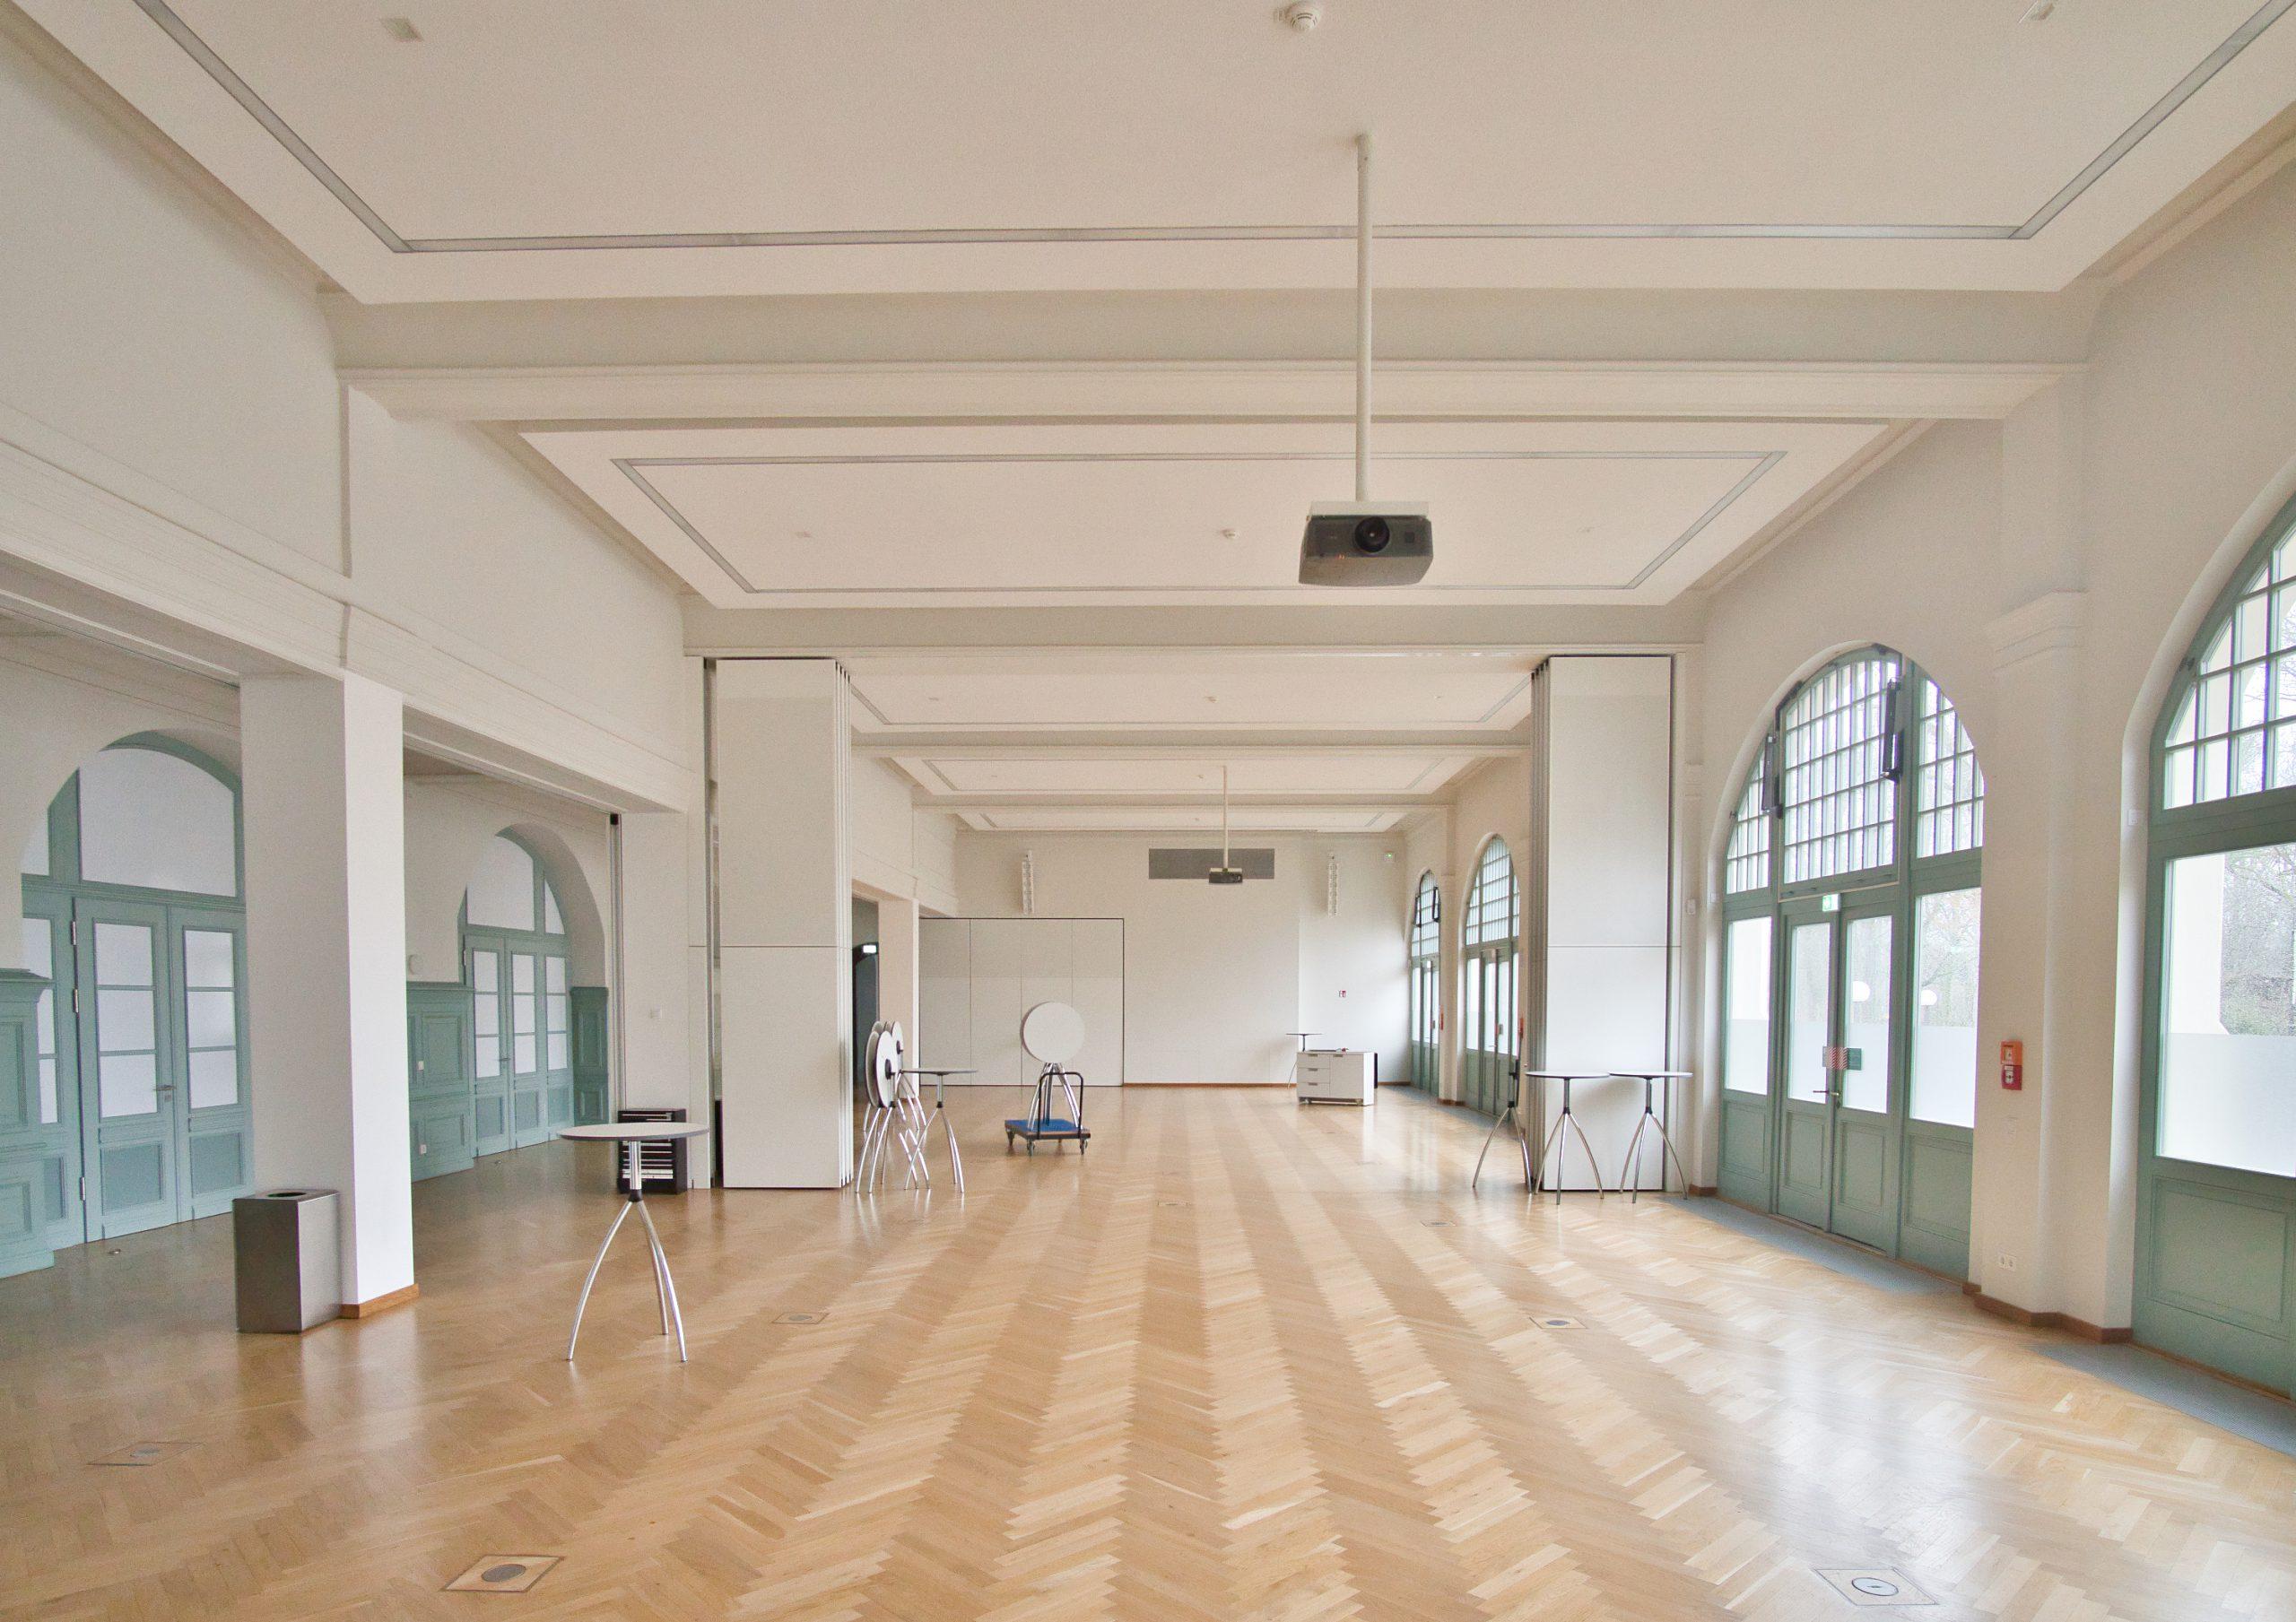 Richard-Wagner Saal nach Fertigstellung